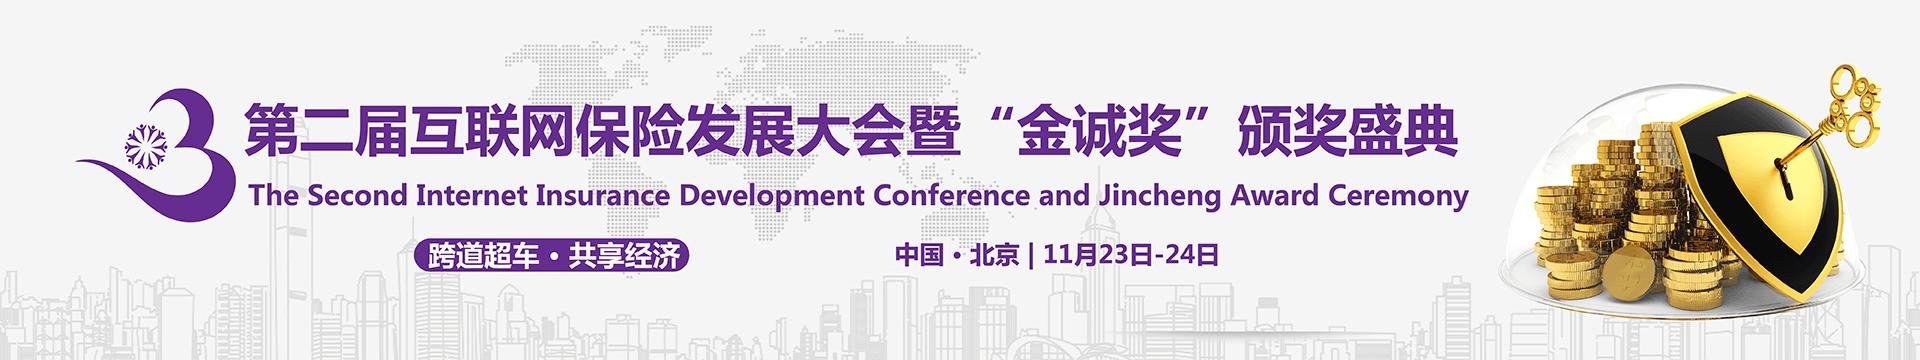 2017第二届互联网保险发展大会